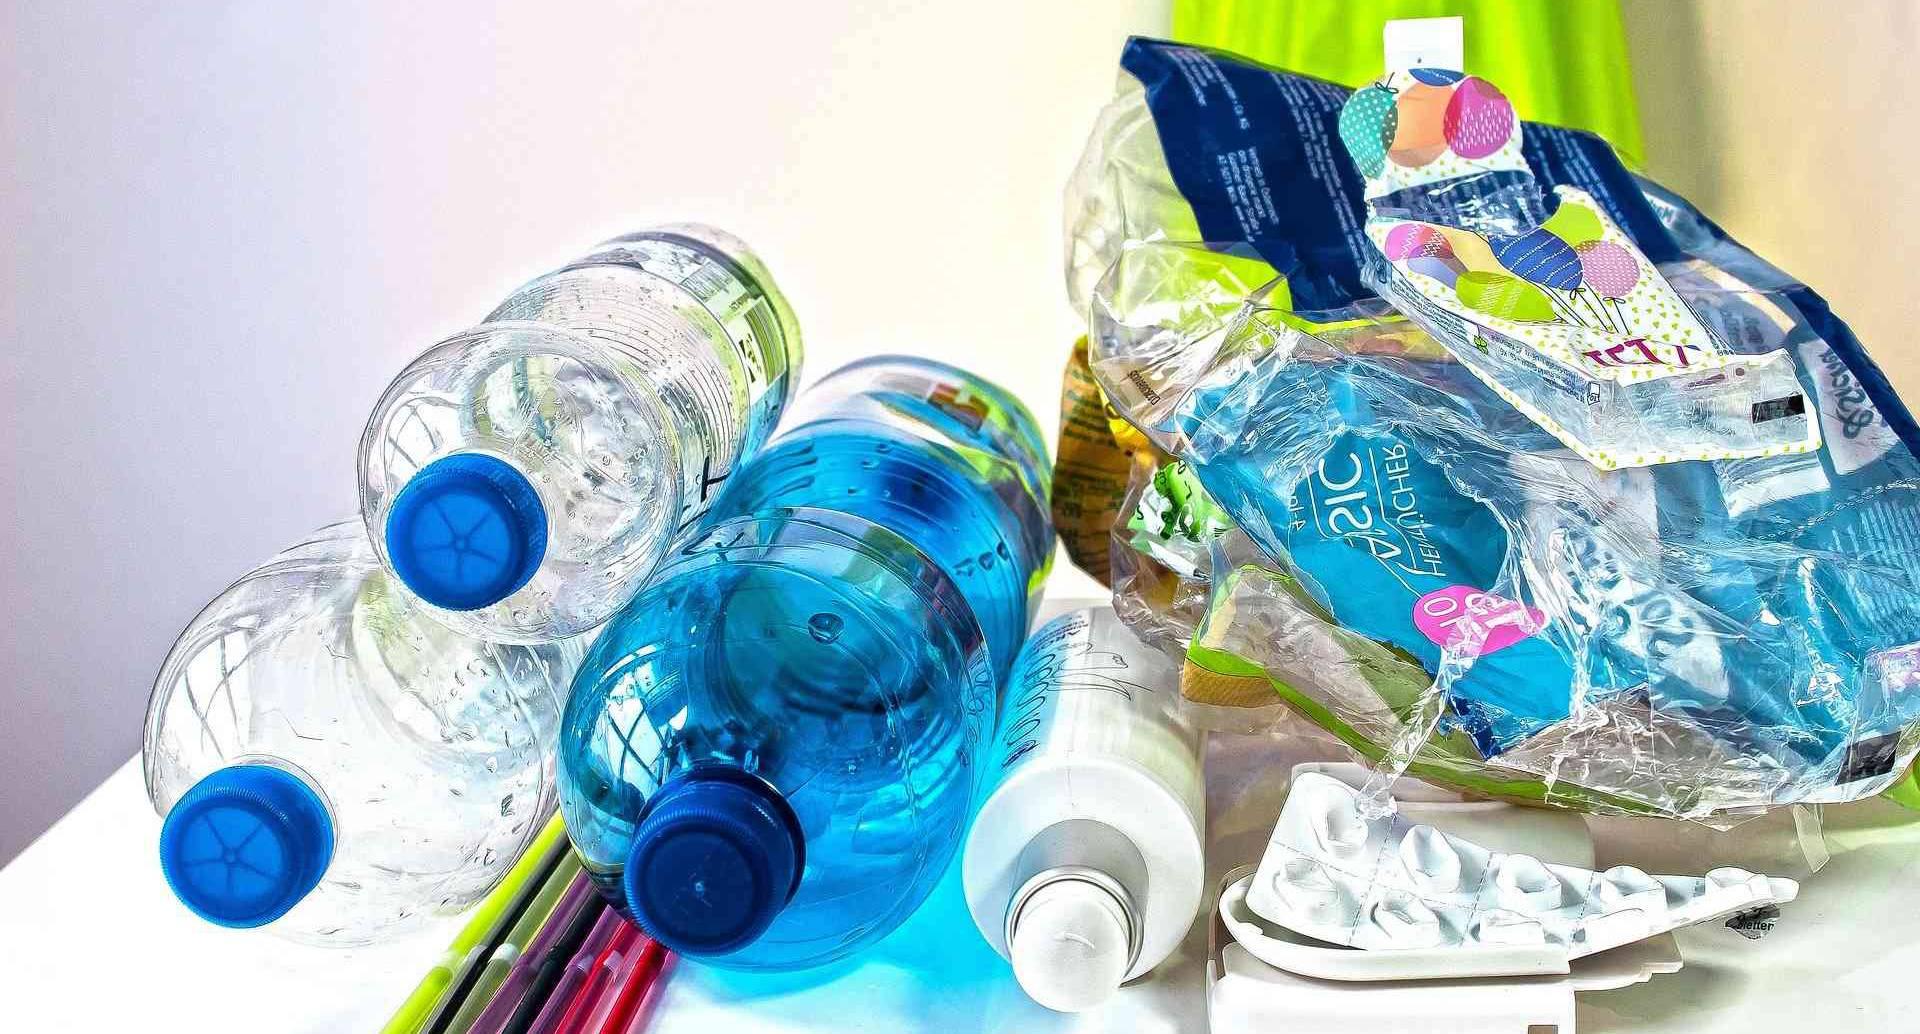 En Bogotá se producen aproximadamente 6.800 toneladas de basura al día y solo se reutilizan entre el 14 y el 15 por ciento.